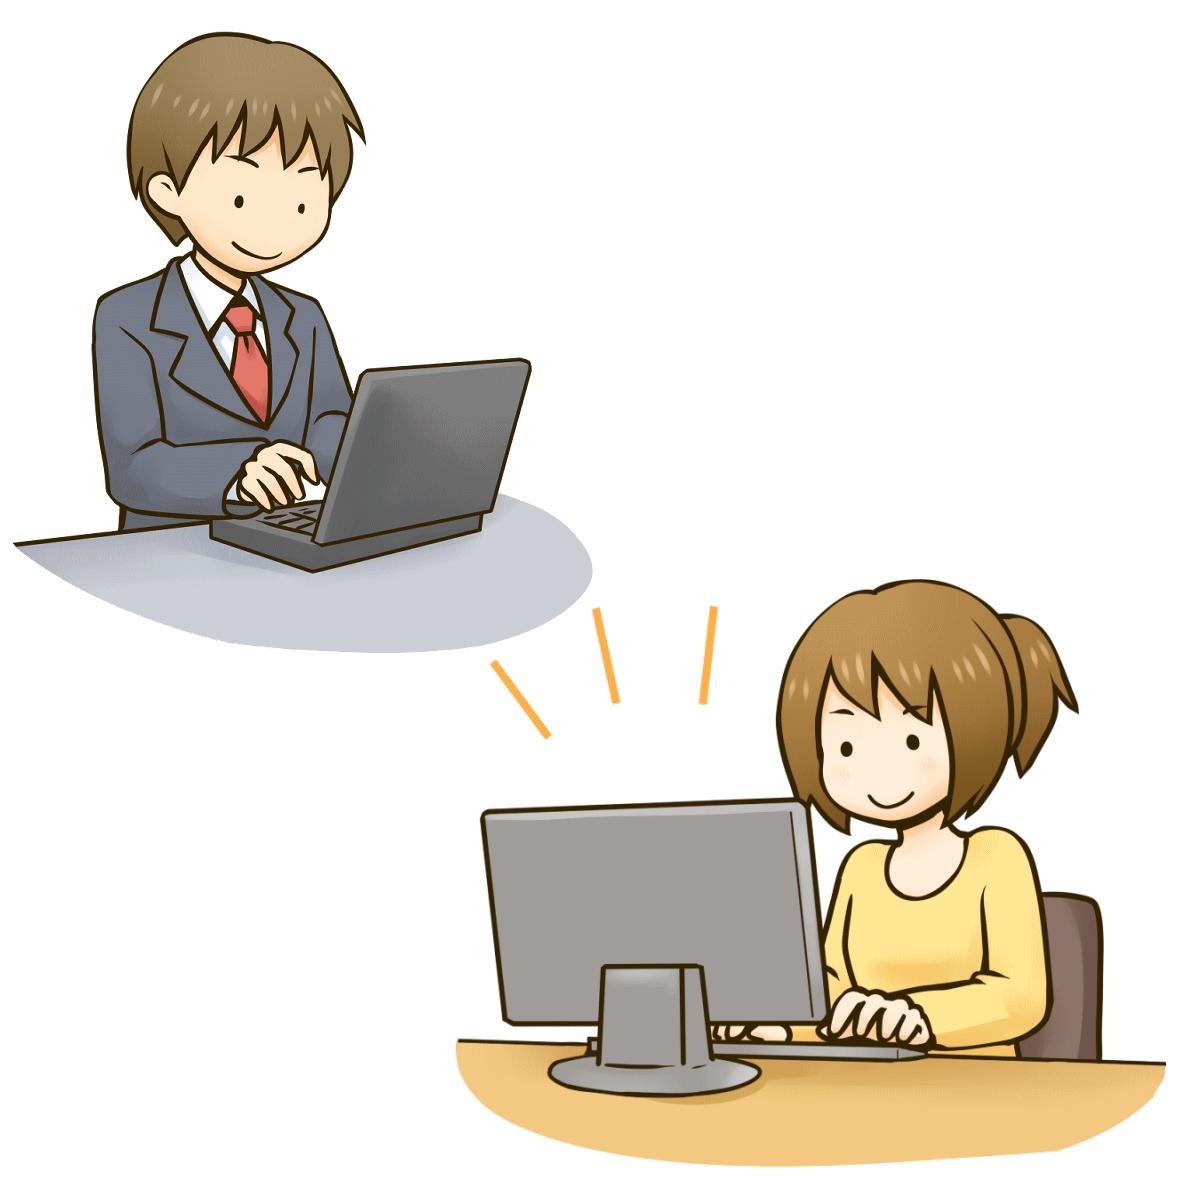 オンラインカウンセリングのやり方を表わしているイラスト